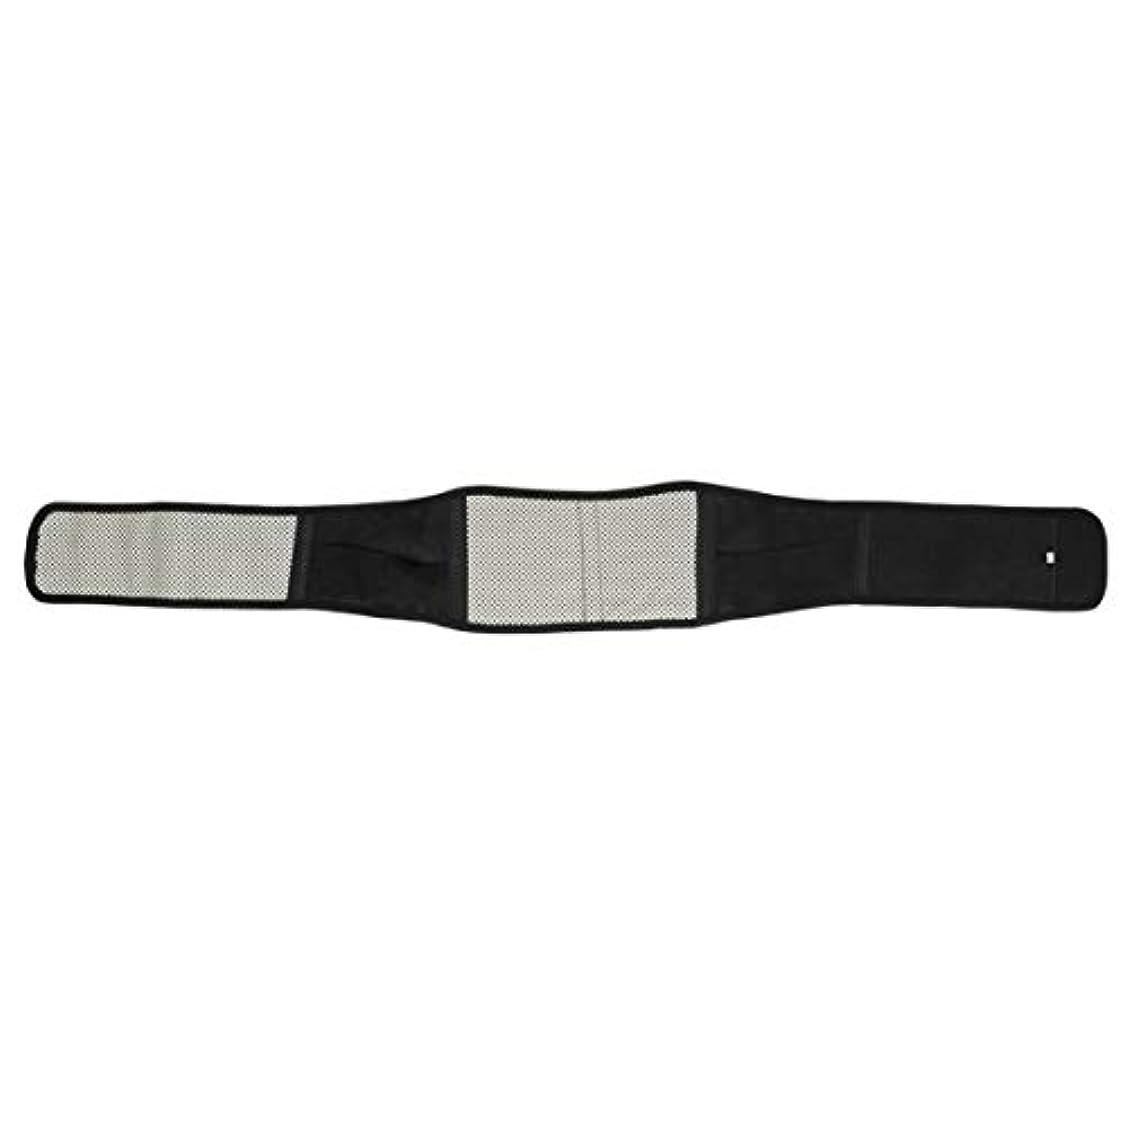 隔離たらい刈り取る腰部サポート痛みマッサージャー赤外線磁気バックブレース自己加熱療法ウエストベルト調節可能な姿勢ベルト